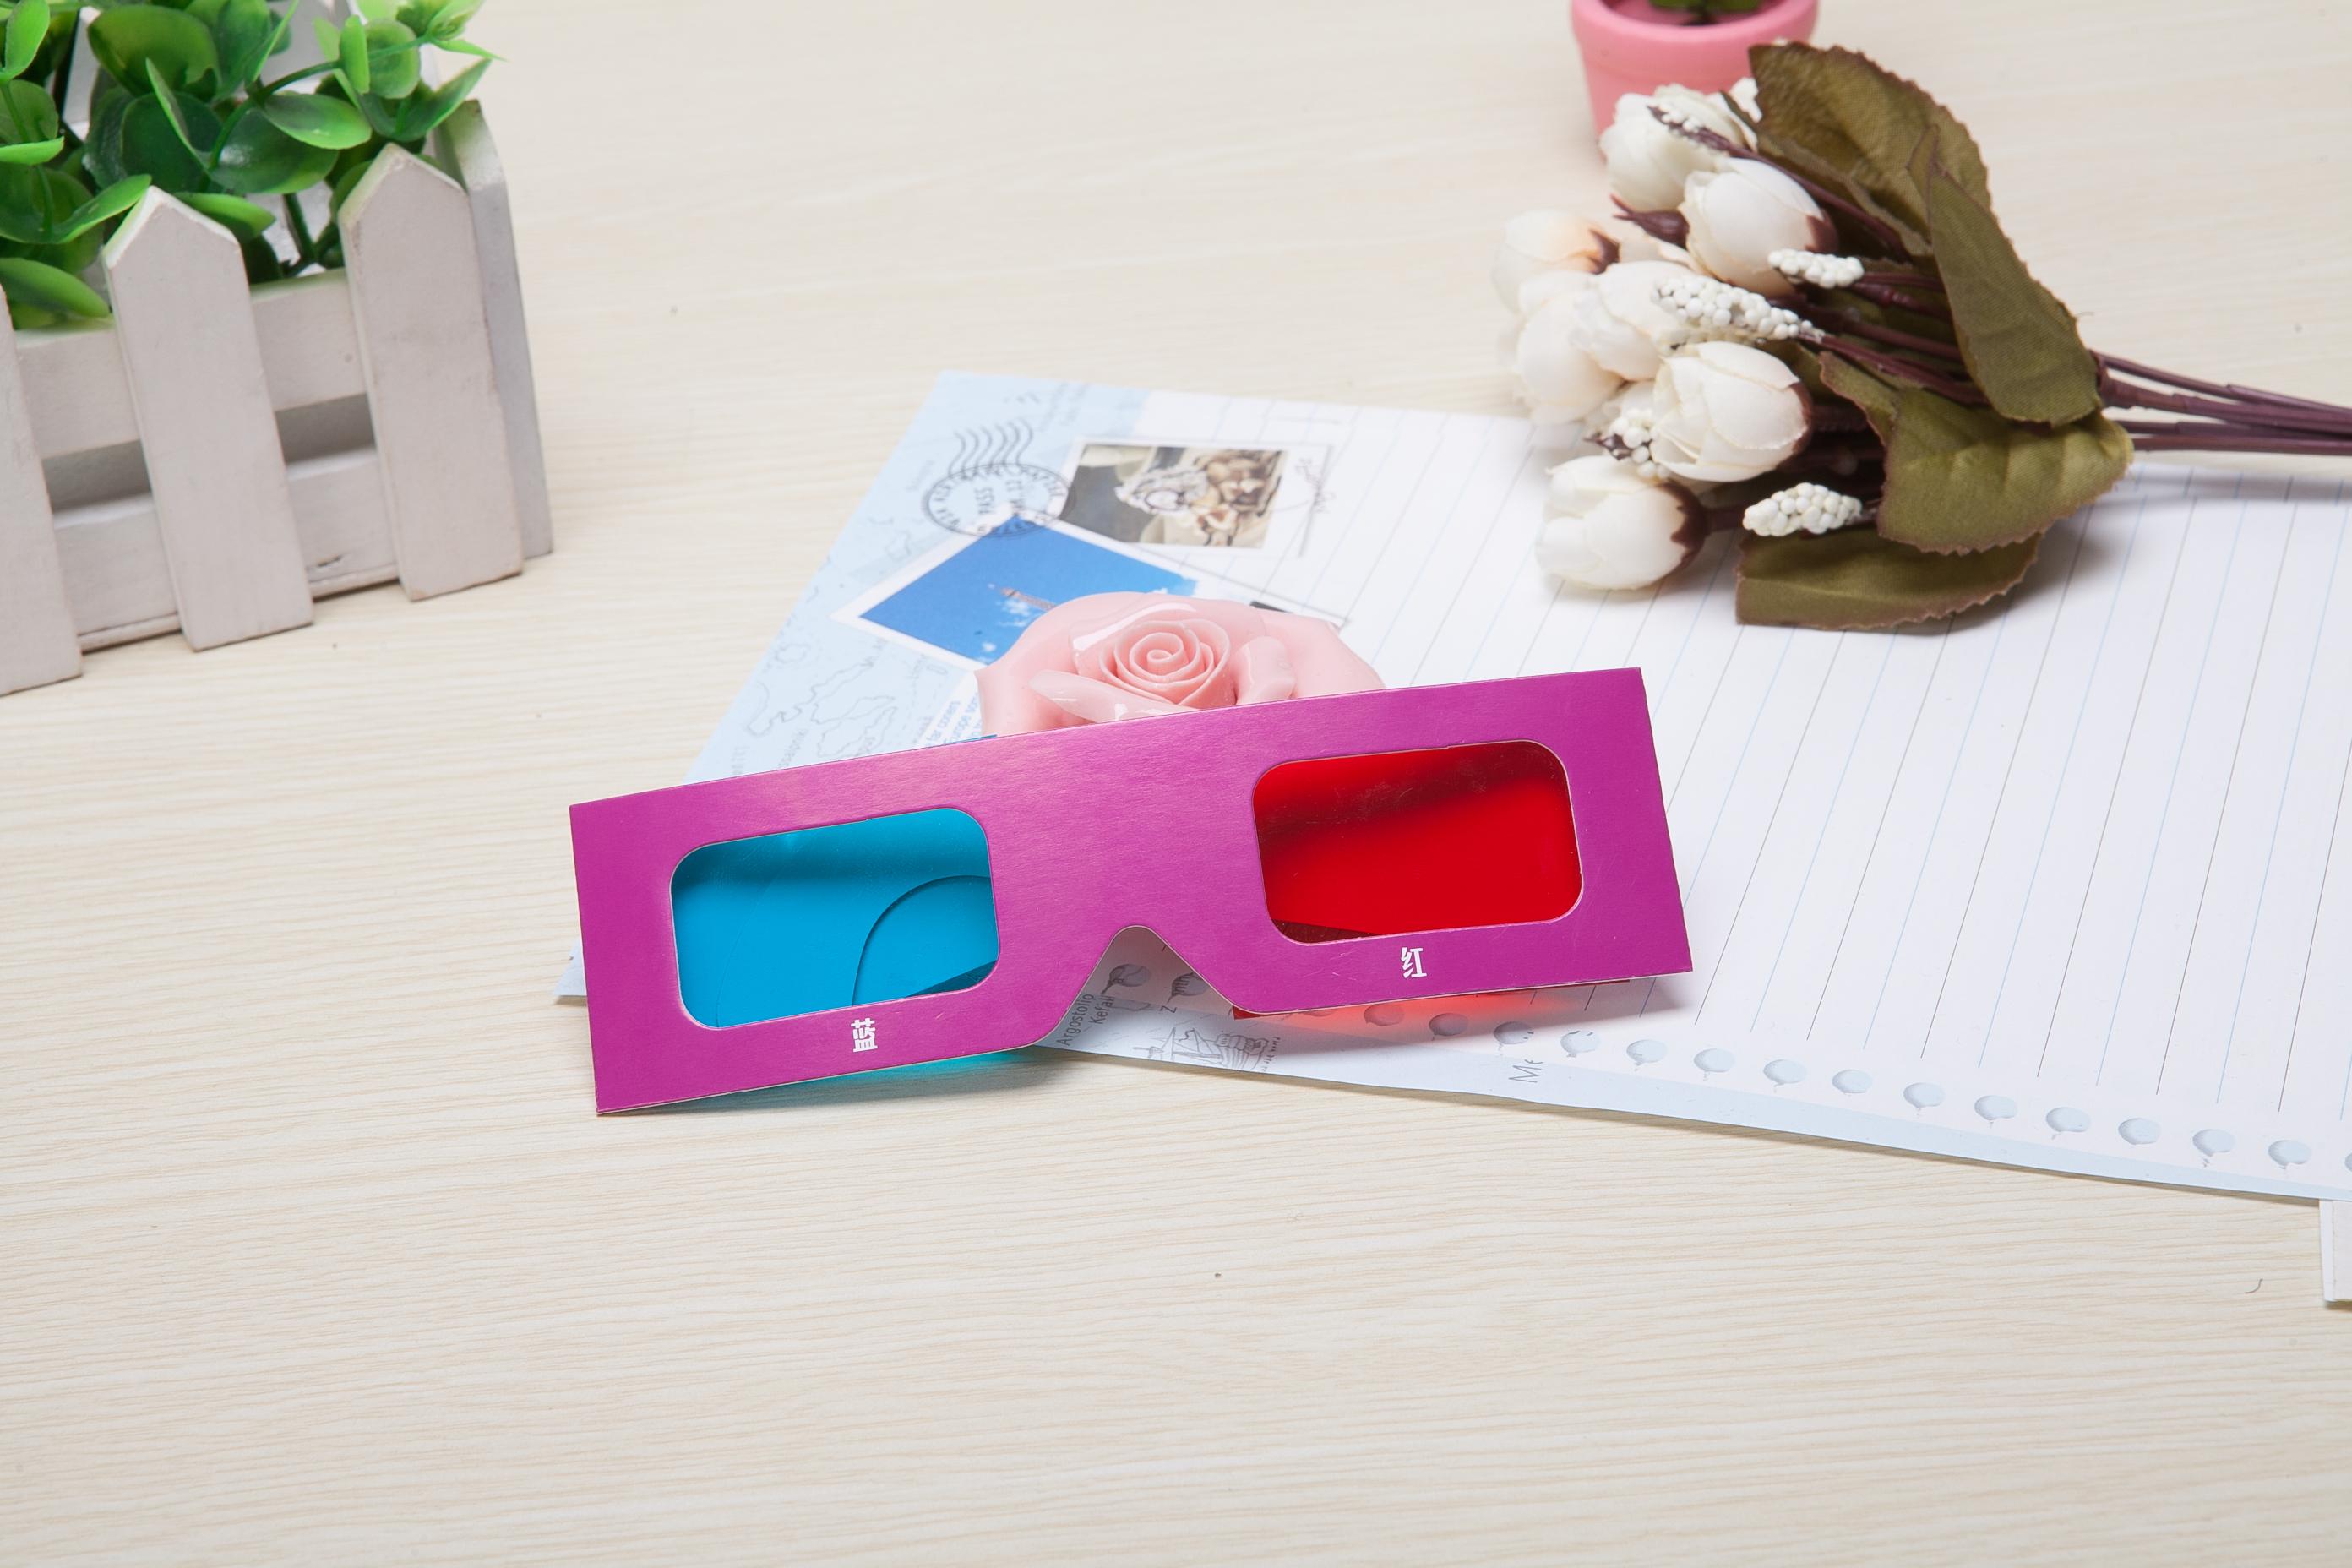 小玩童科技小制作3d立体眼镜